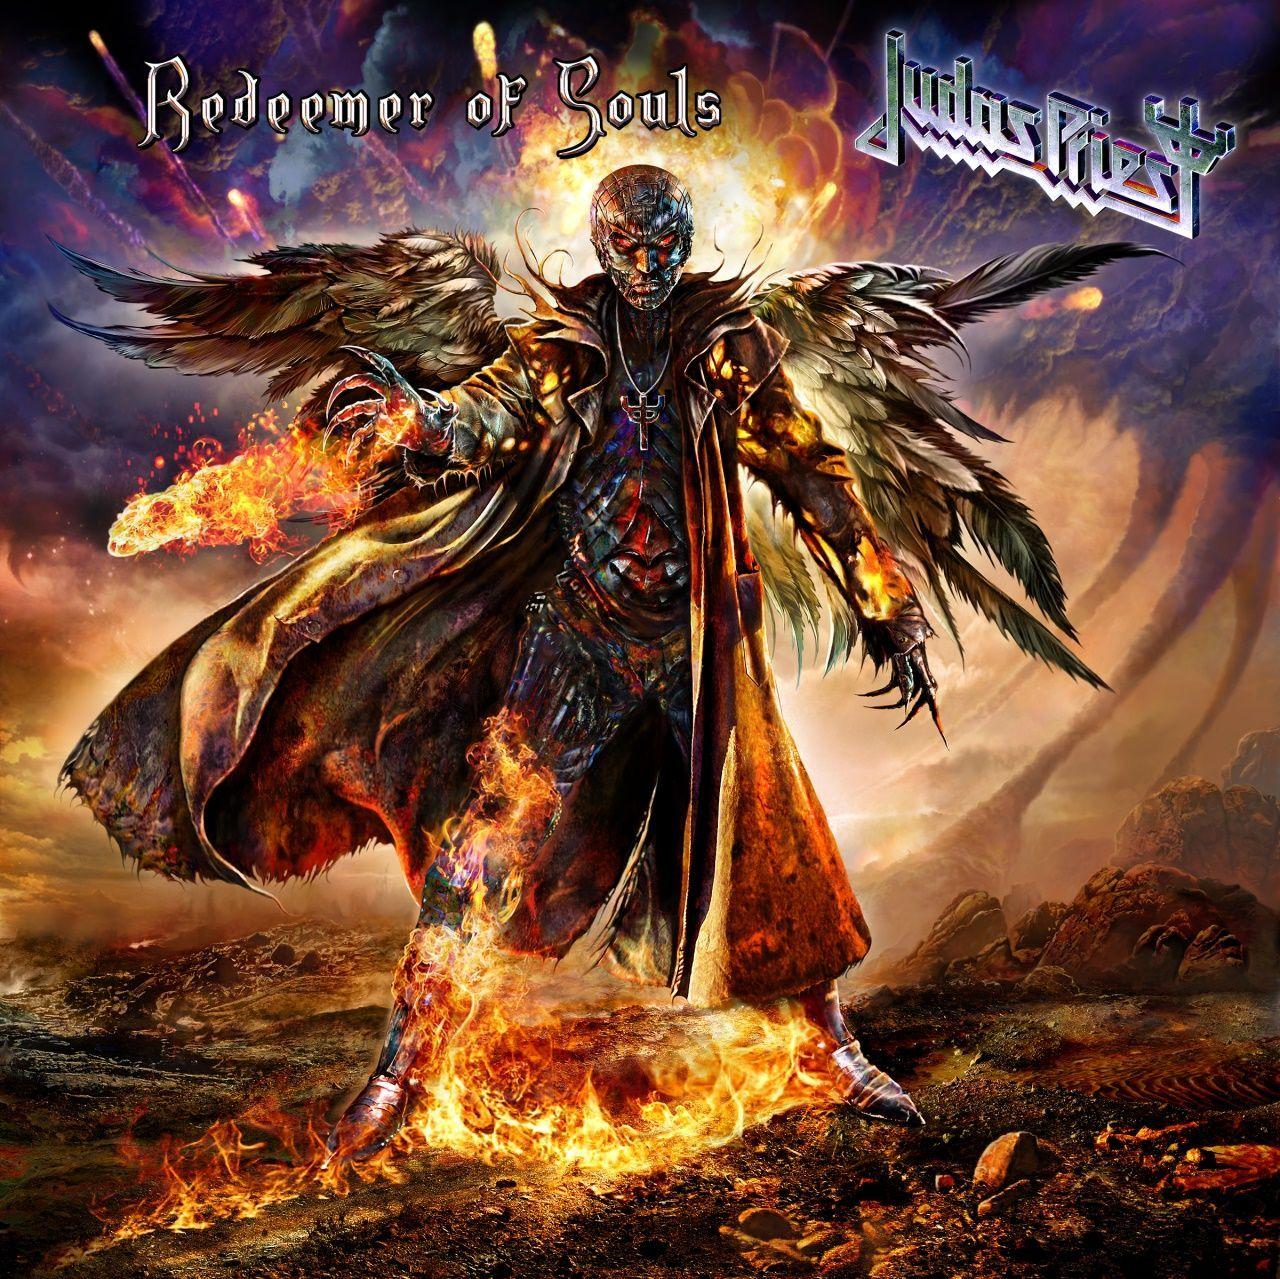 ¿Cual de estos temas corresponde al single de su último álbum Redeemer of Souls?